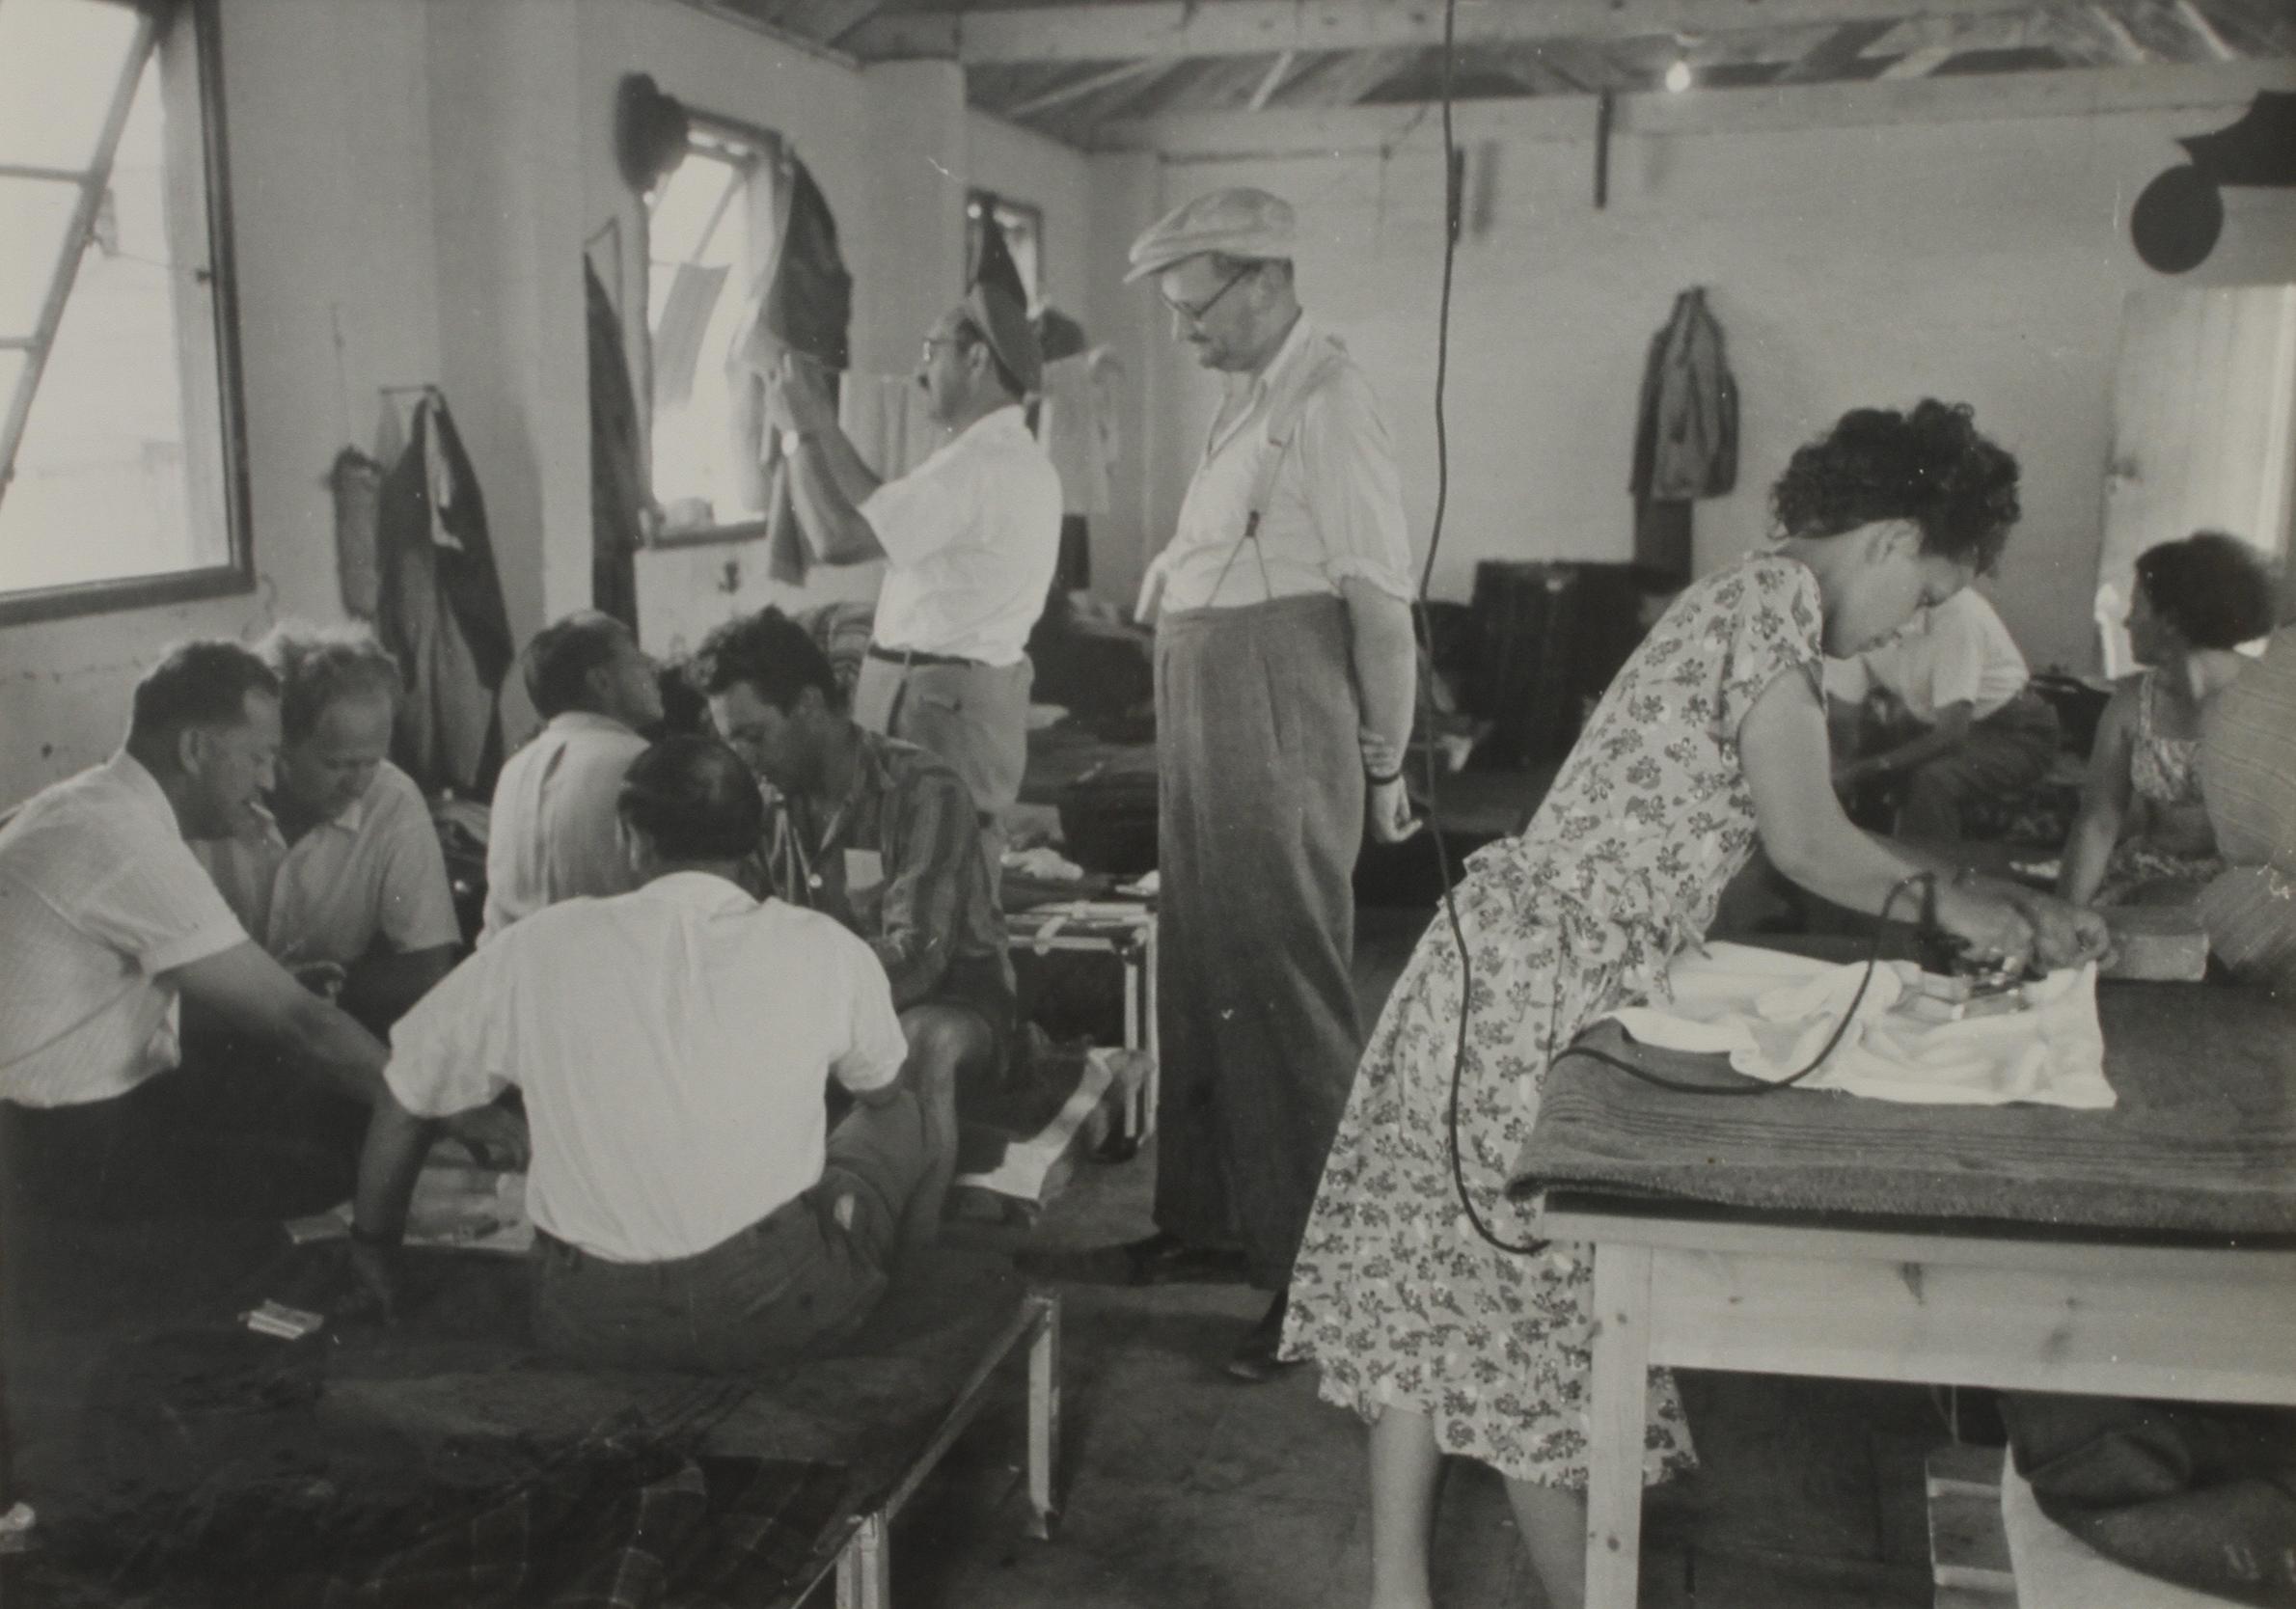 1949. Еврейские беженцы в транзитном лагере (кибуц Негба)